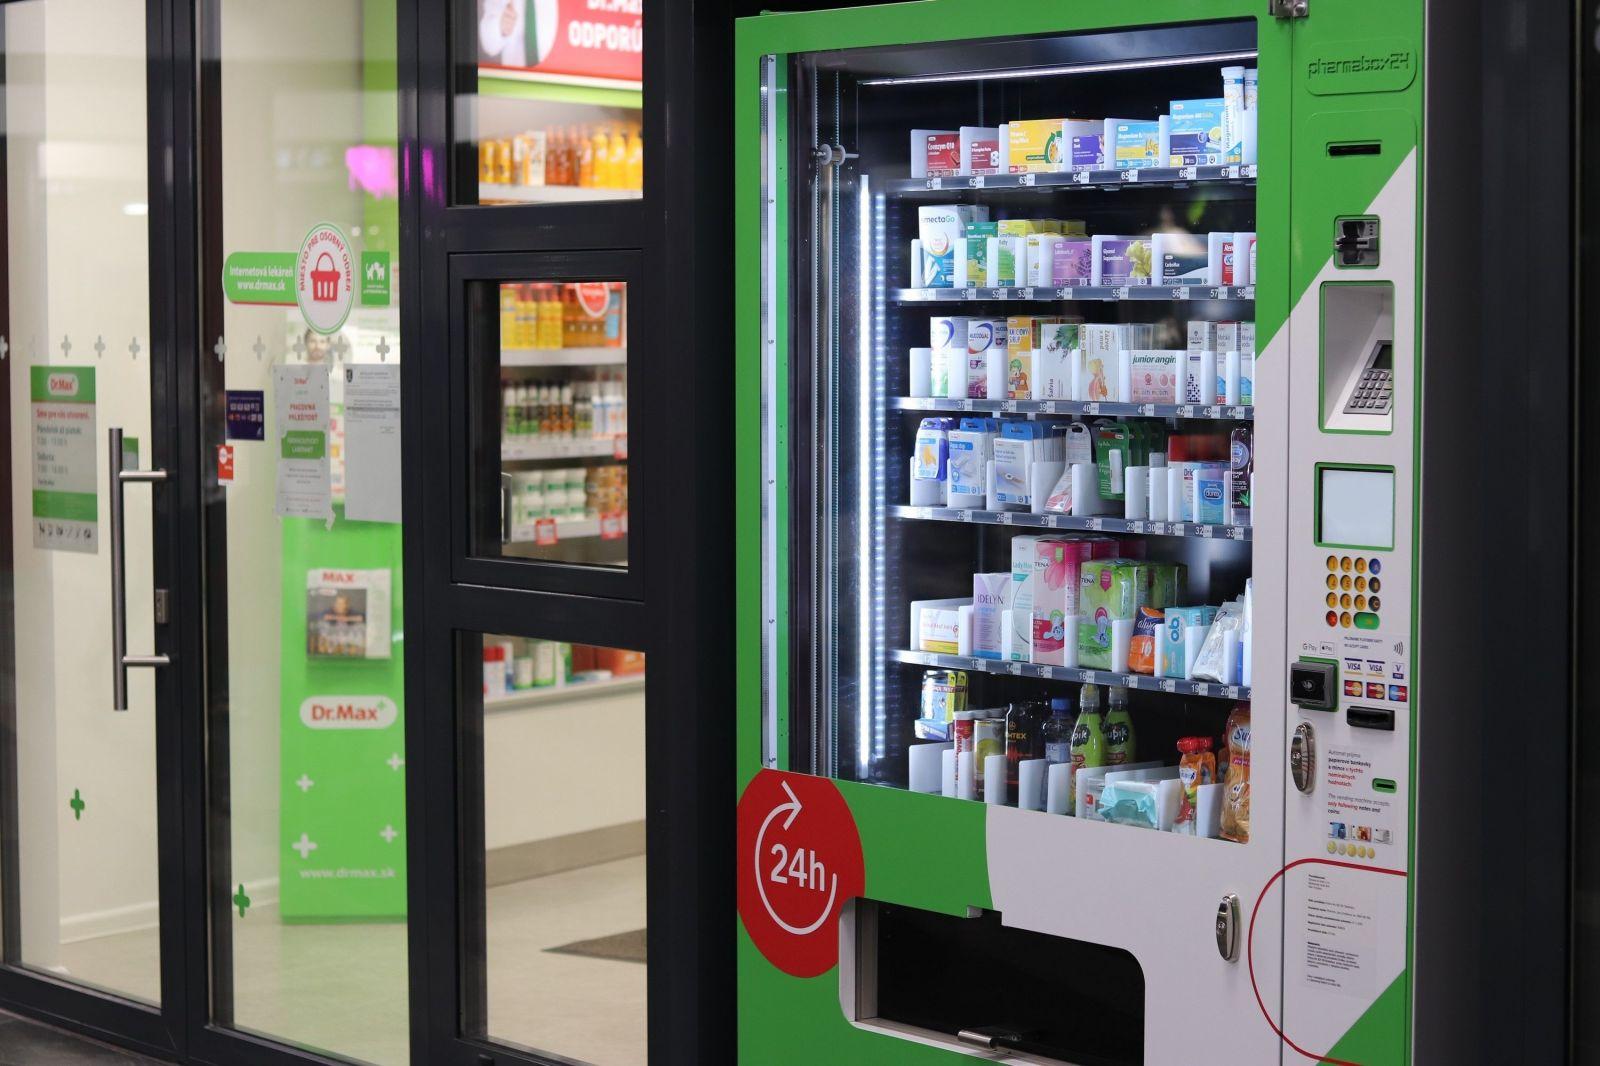 Slovensko má prvý automat na lieky. Zachráni ťa, keď je všetko zatvorené